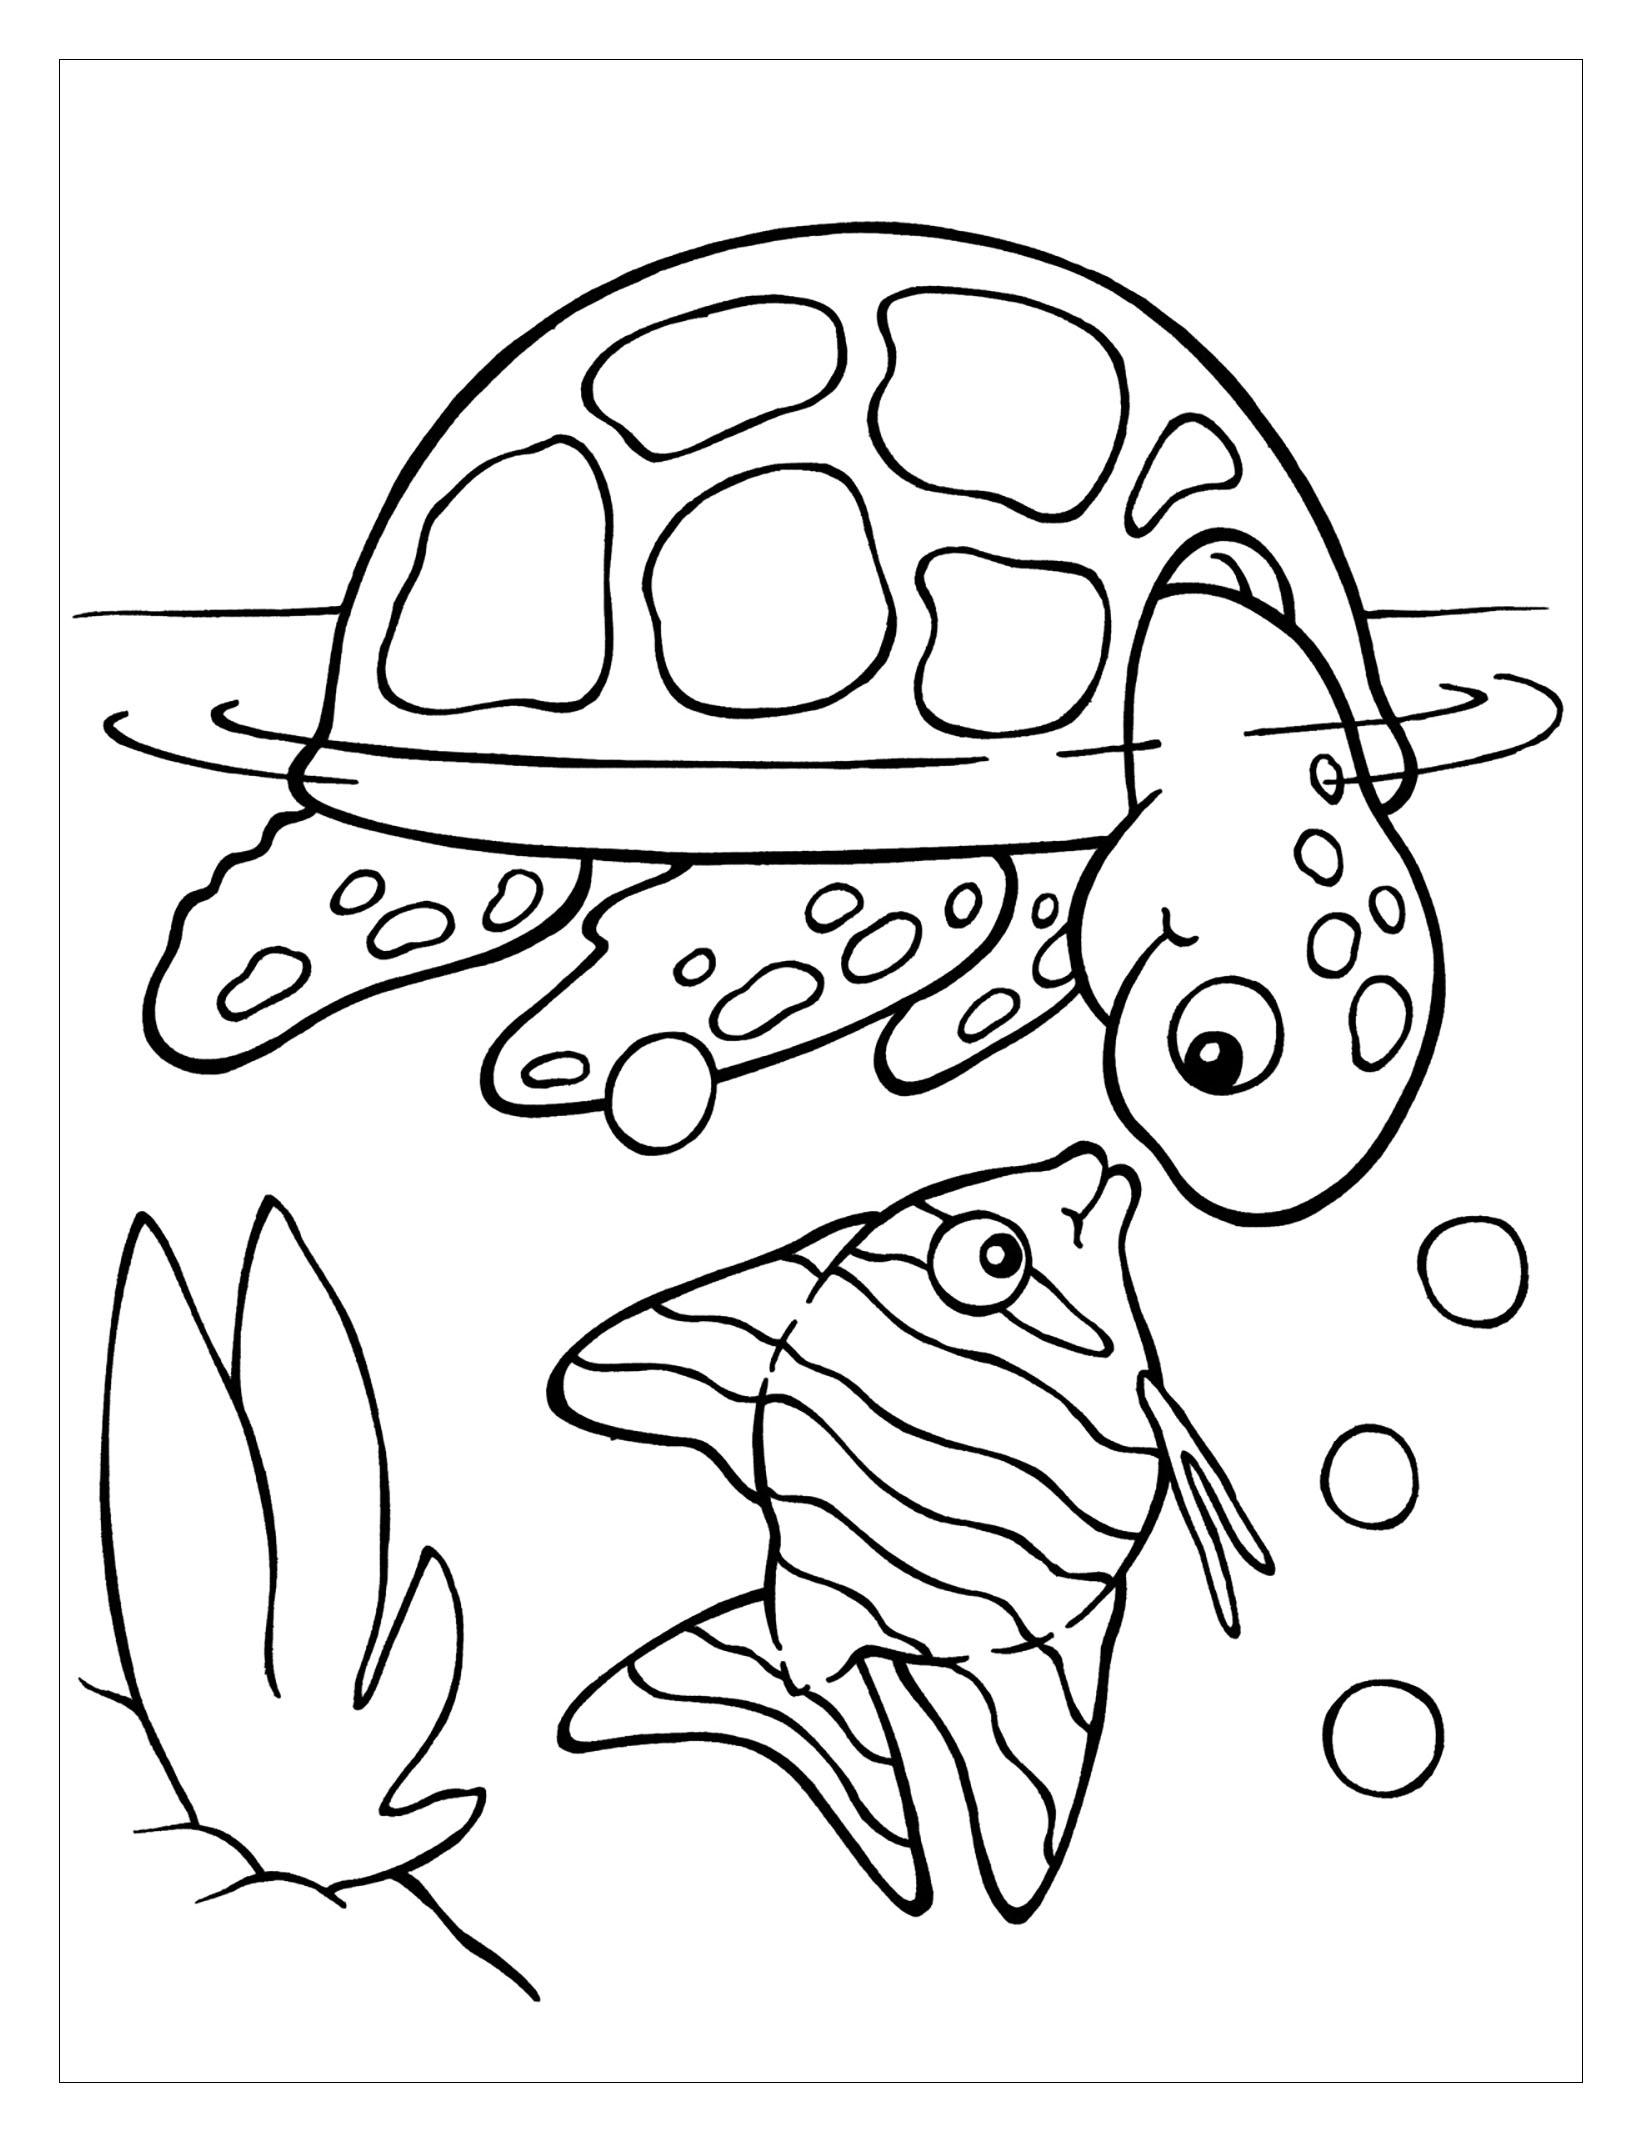 Easy Sea Turtle Coloring Pages Novocom Top